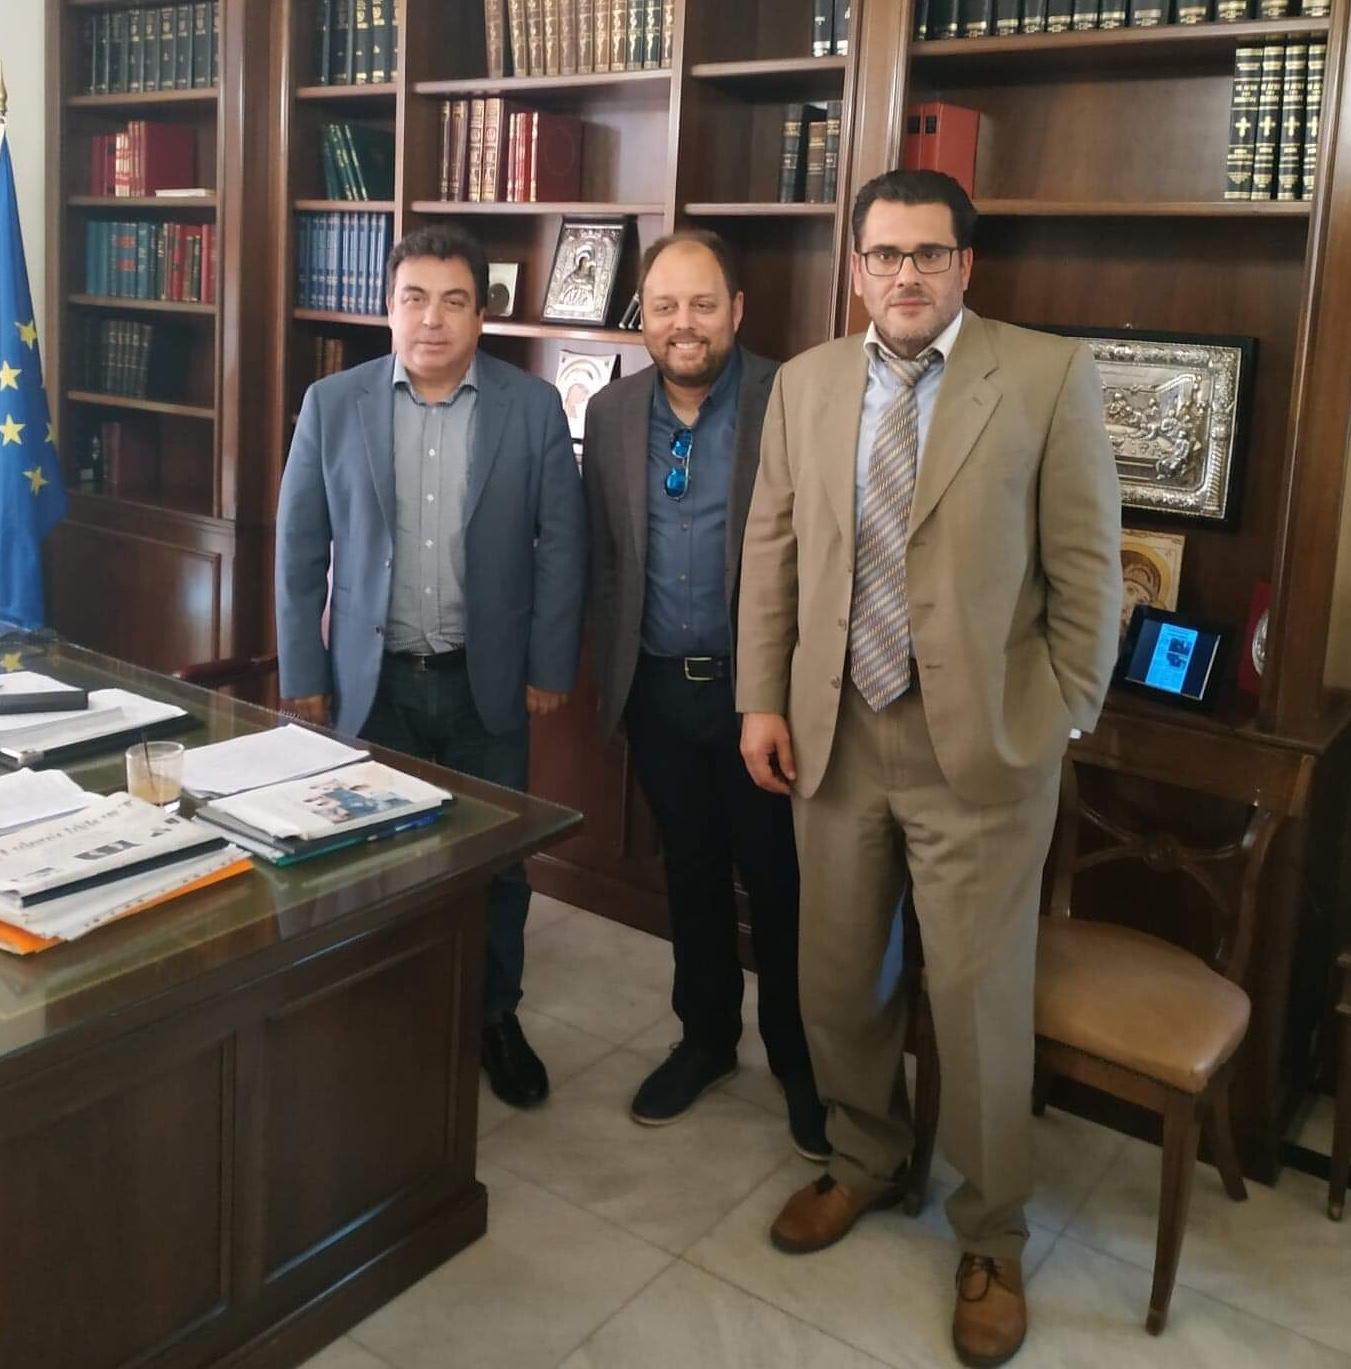 Δήμος Πύργου: Συνάντηση του Δημάρχου Τάκη Αντωνακόπουλου με τον Σύλλογο Σχολικών Καθαριστριών Δήμου Πύργου